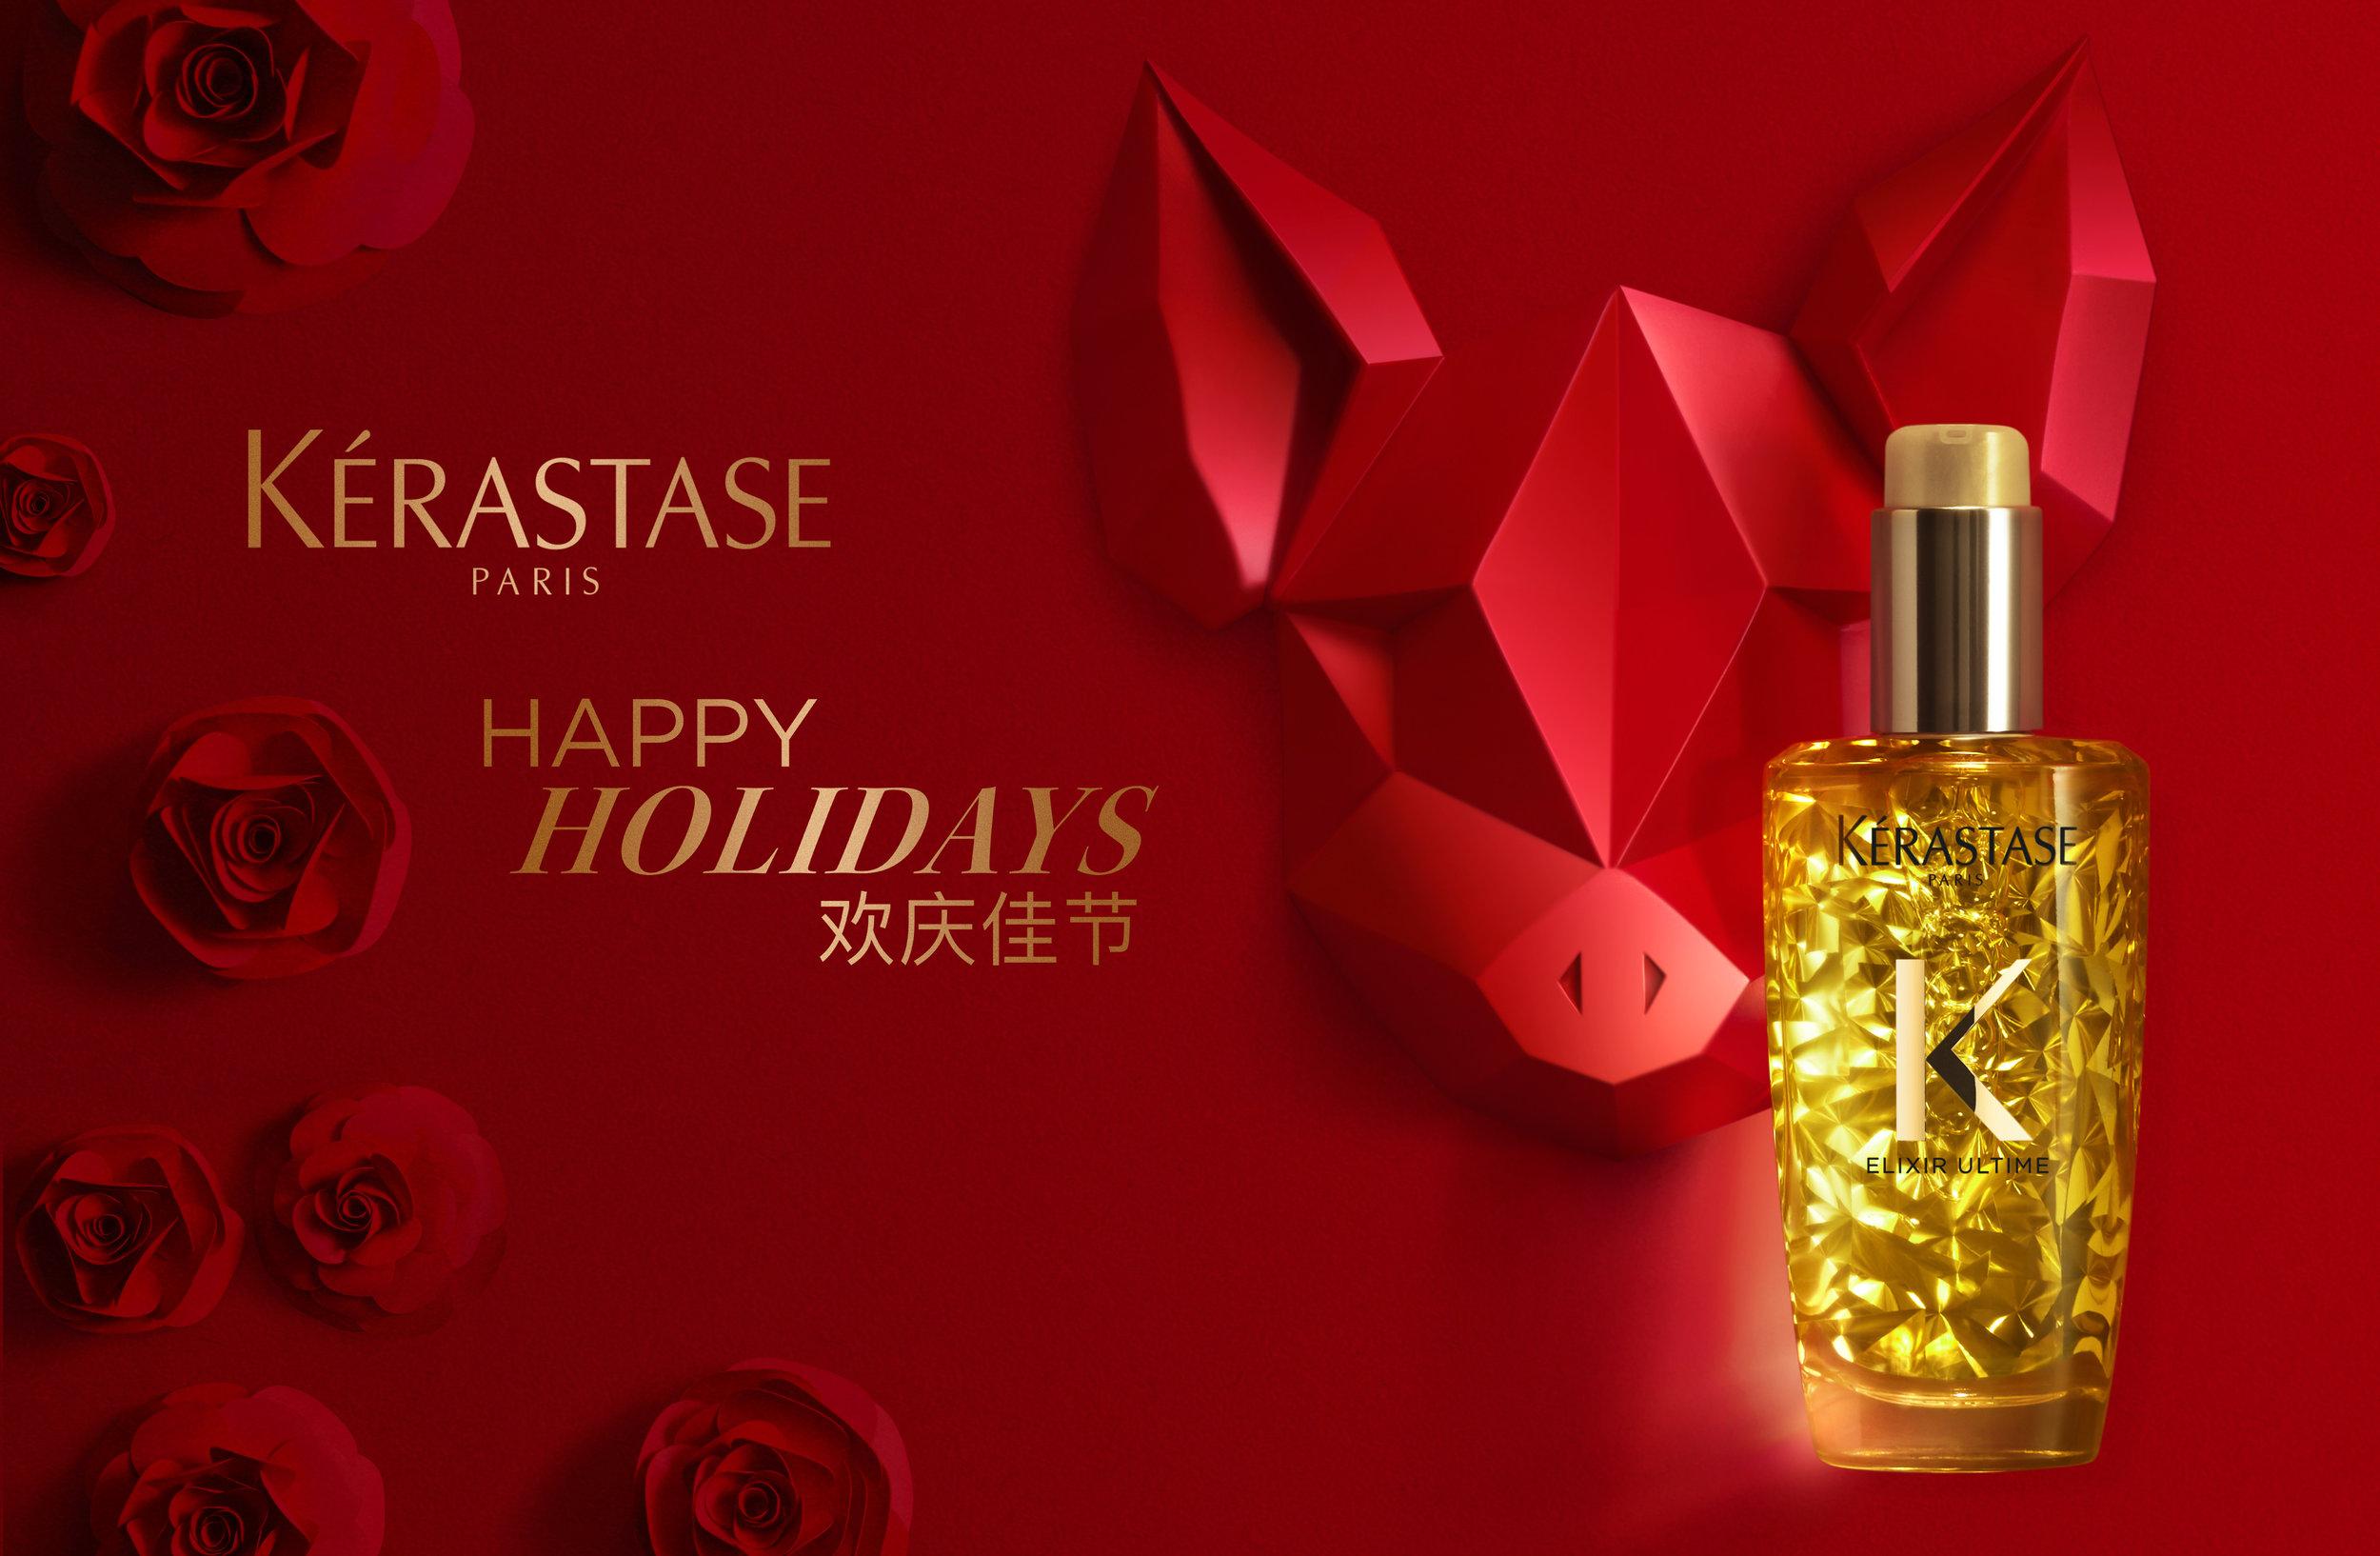 Kerastase_ChineseNY_TeteCochon_Pack2_Extrem_Horiz_1-5-3x1_RVB.jpg